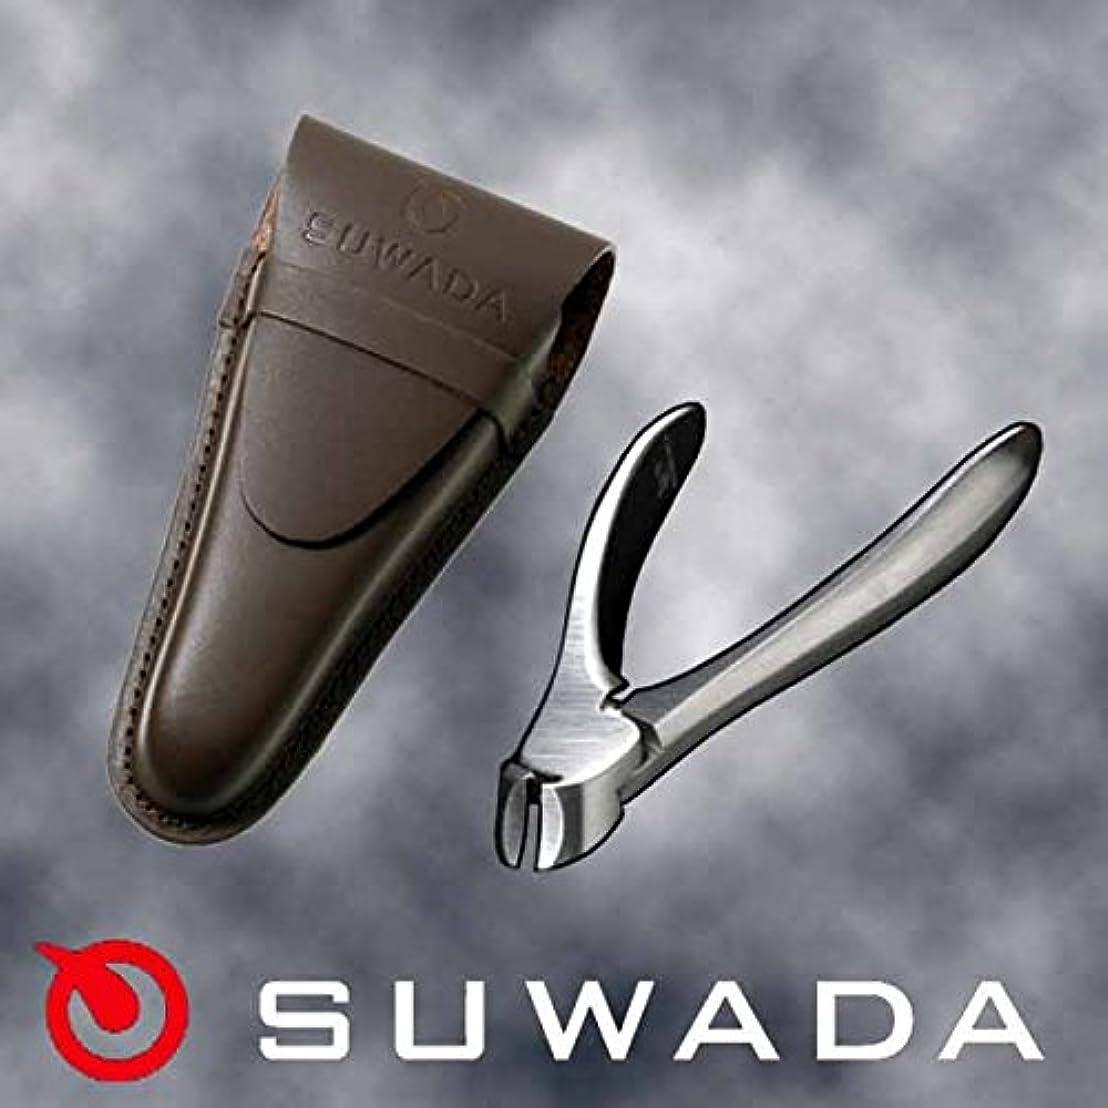 残る中央値粉砕するSUWADA爪切りクラシックベビー&ブラウン(茶)革ケースセット 特注モデル 諏訪田製作所製 スワダの爪切り